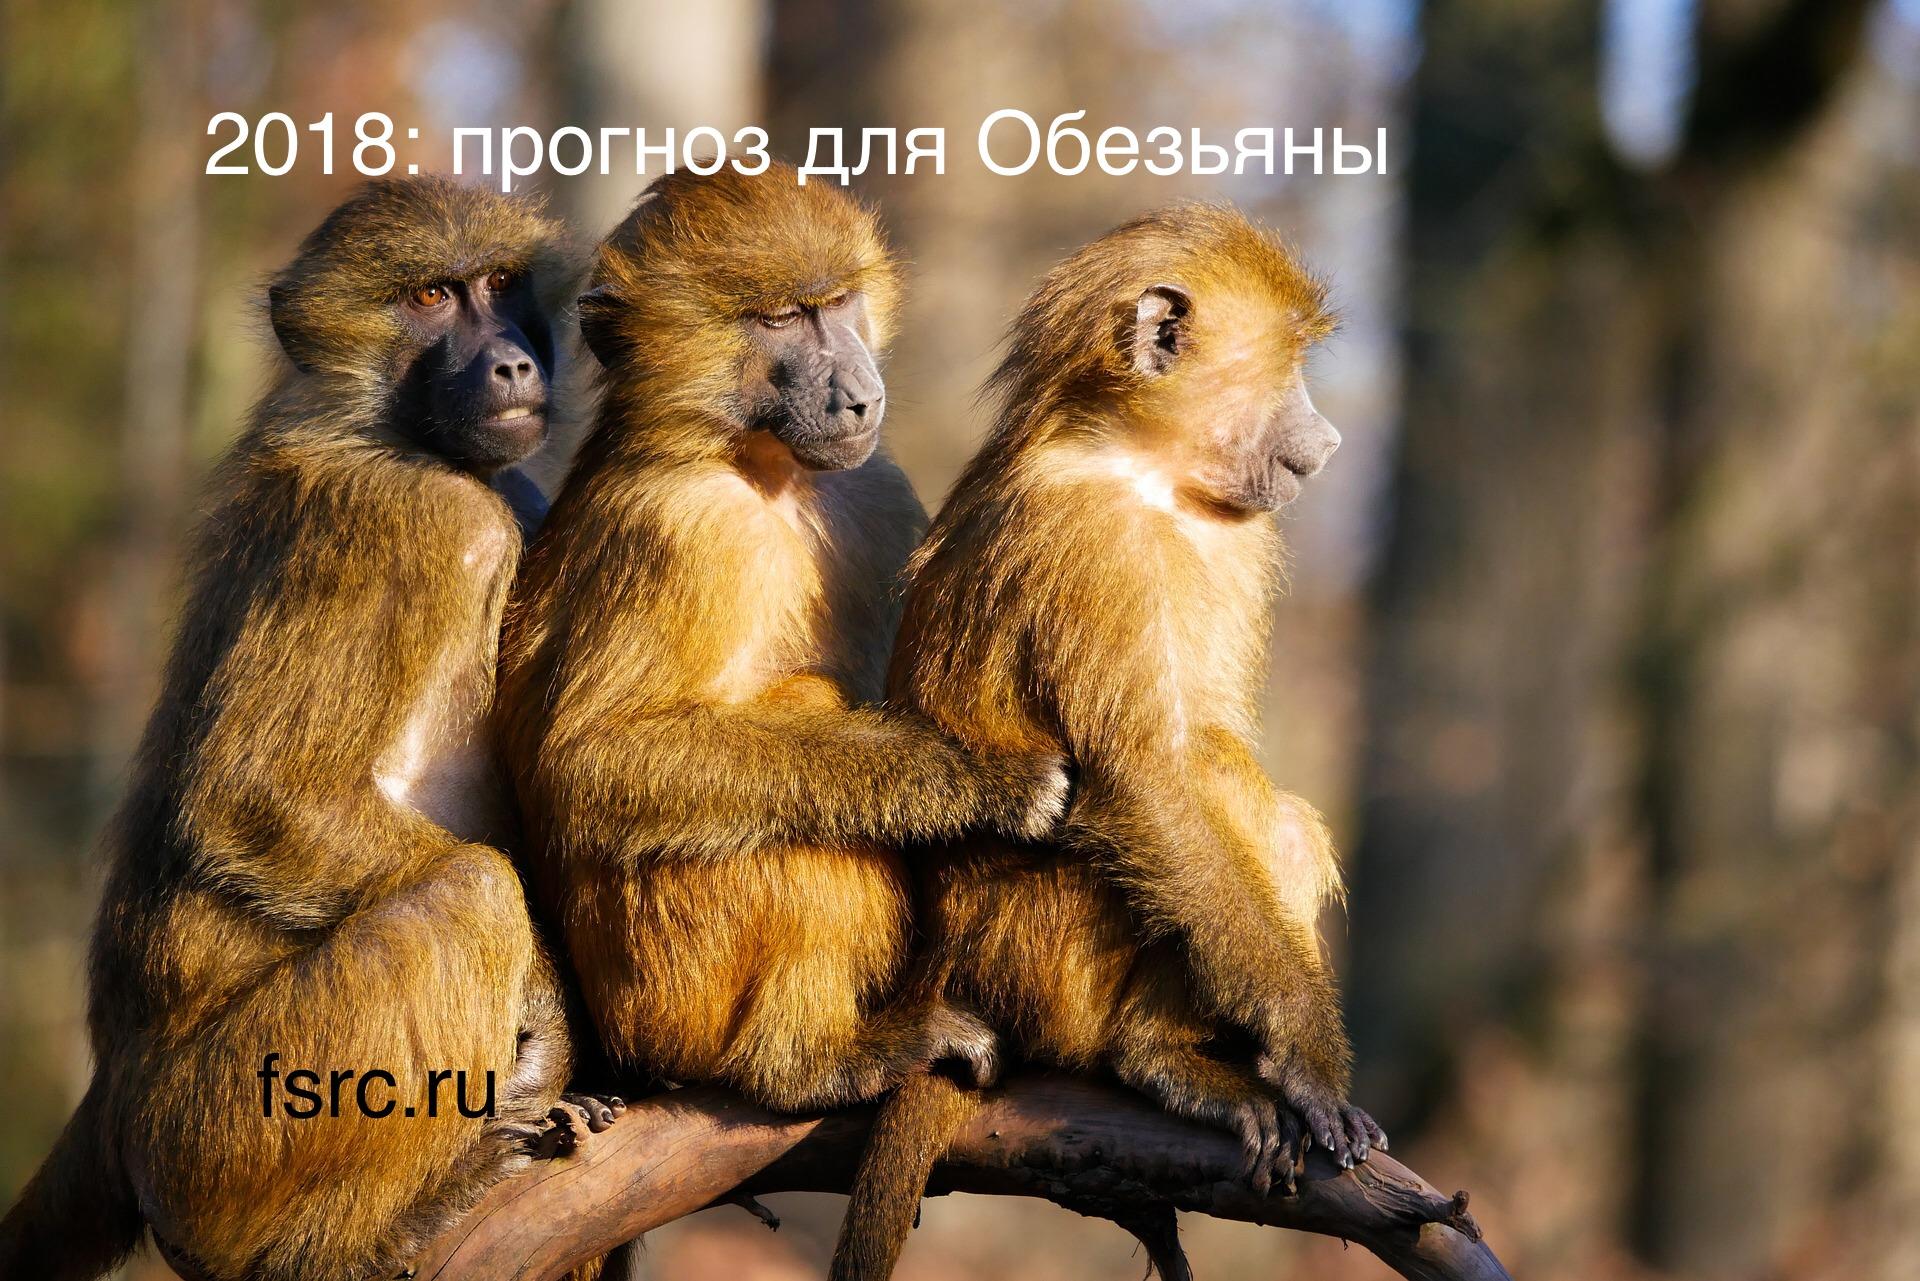 2018 Прогноз для Обезьяны - Fengshuimaster.ru